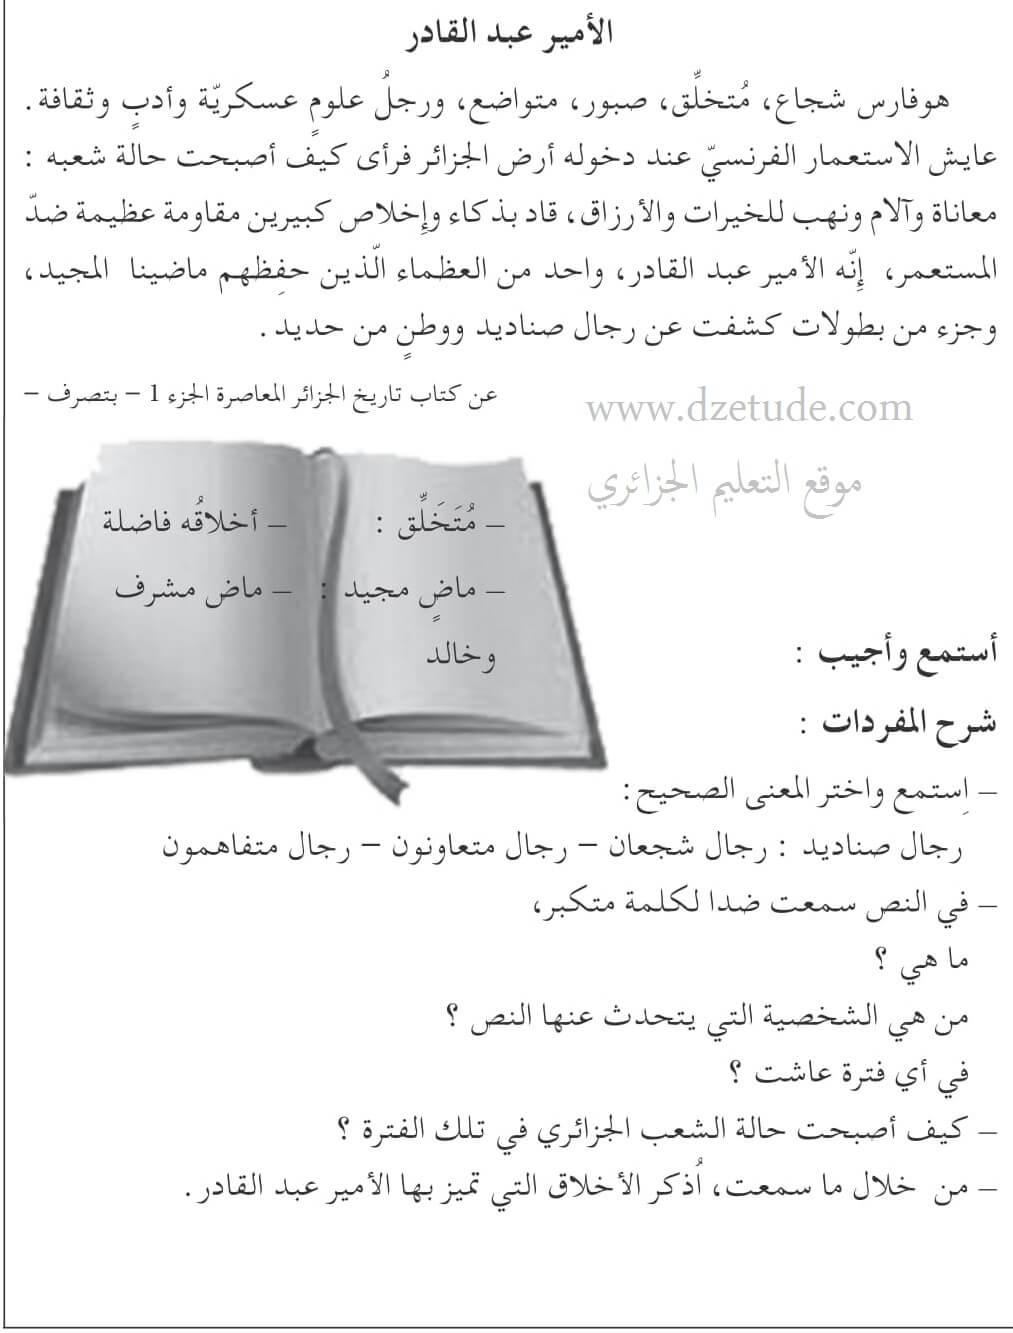 الأمير عبد القادر السنة الرابعة إبتدائي